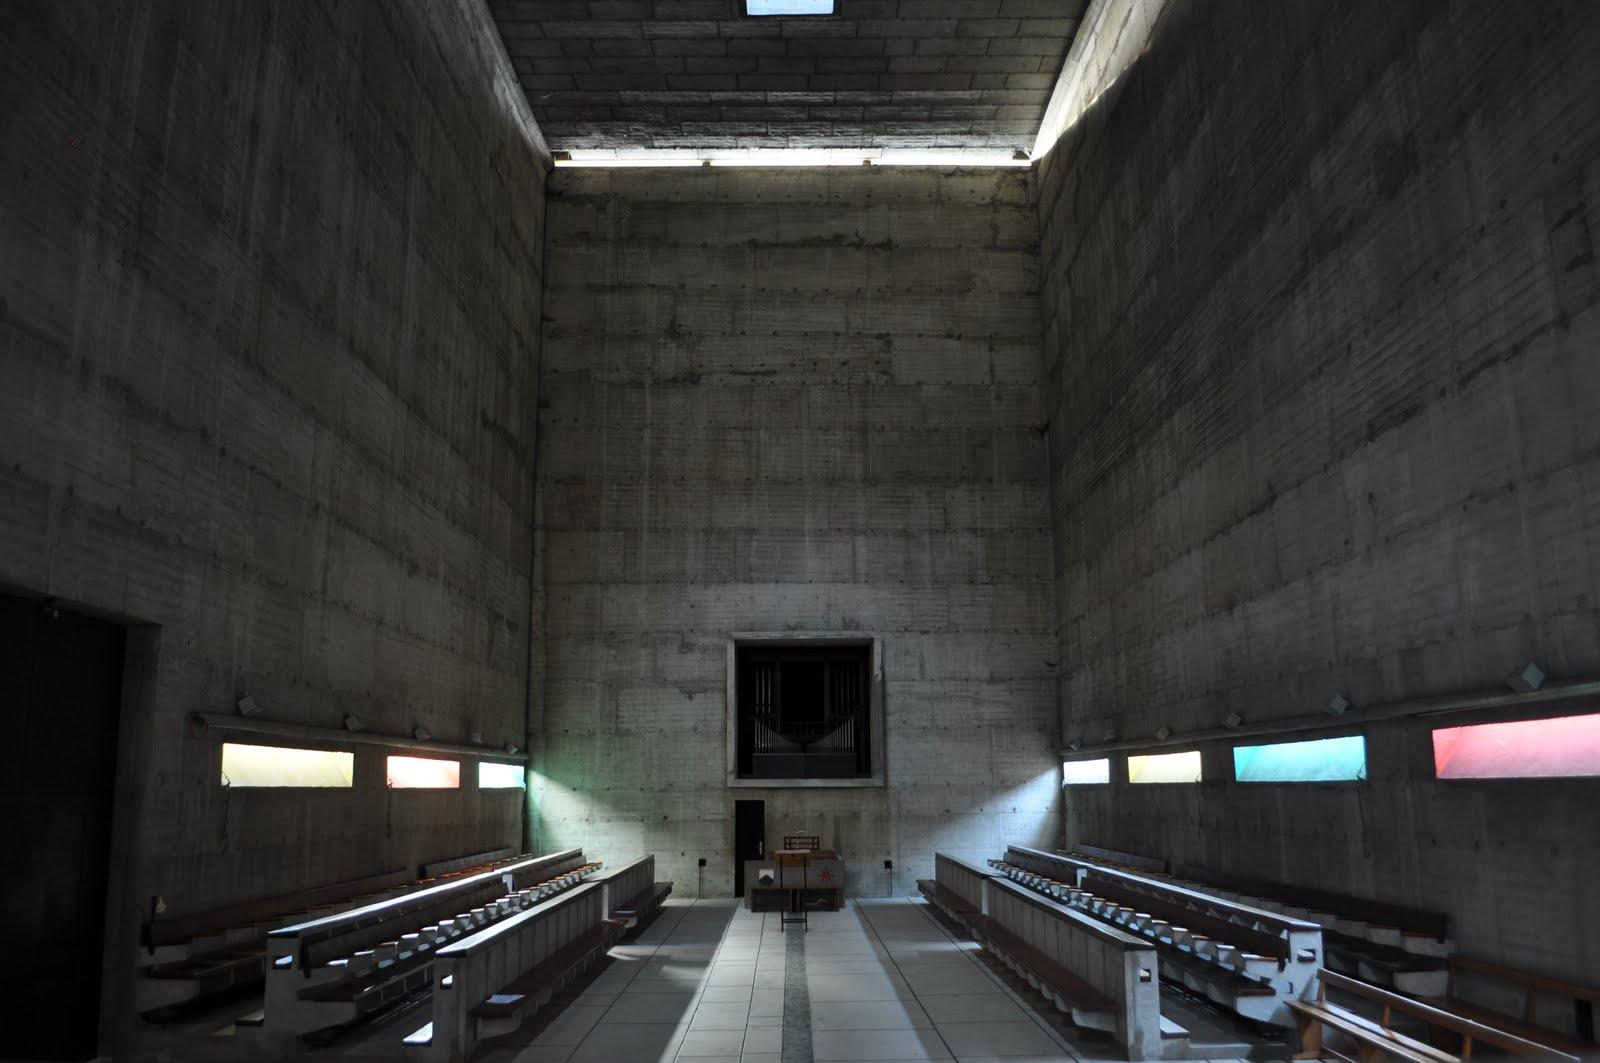 ラ・トゥーレット修道院の画像 p1_35